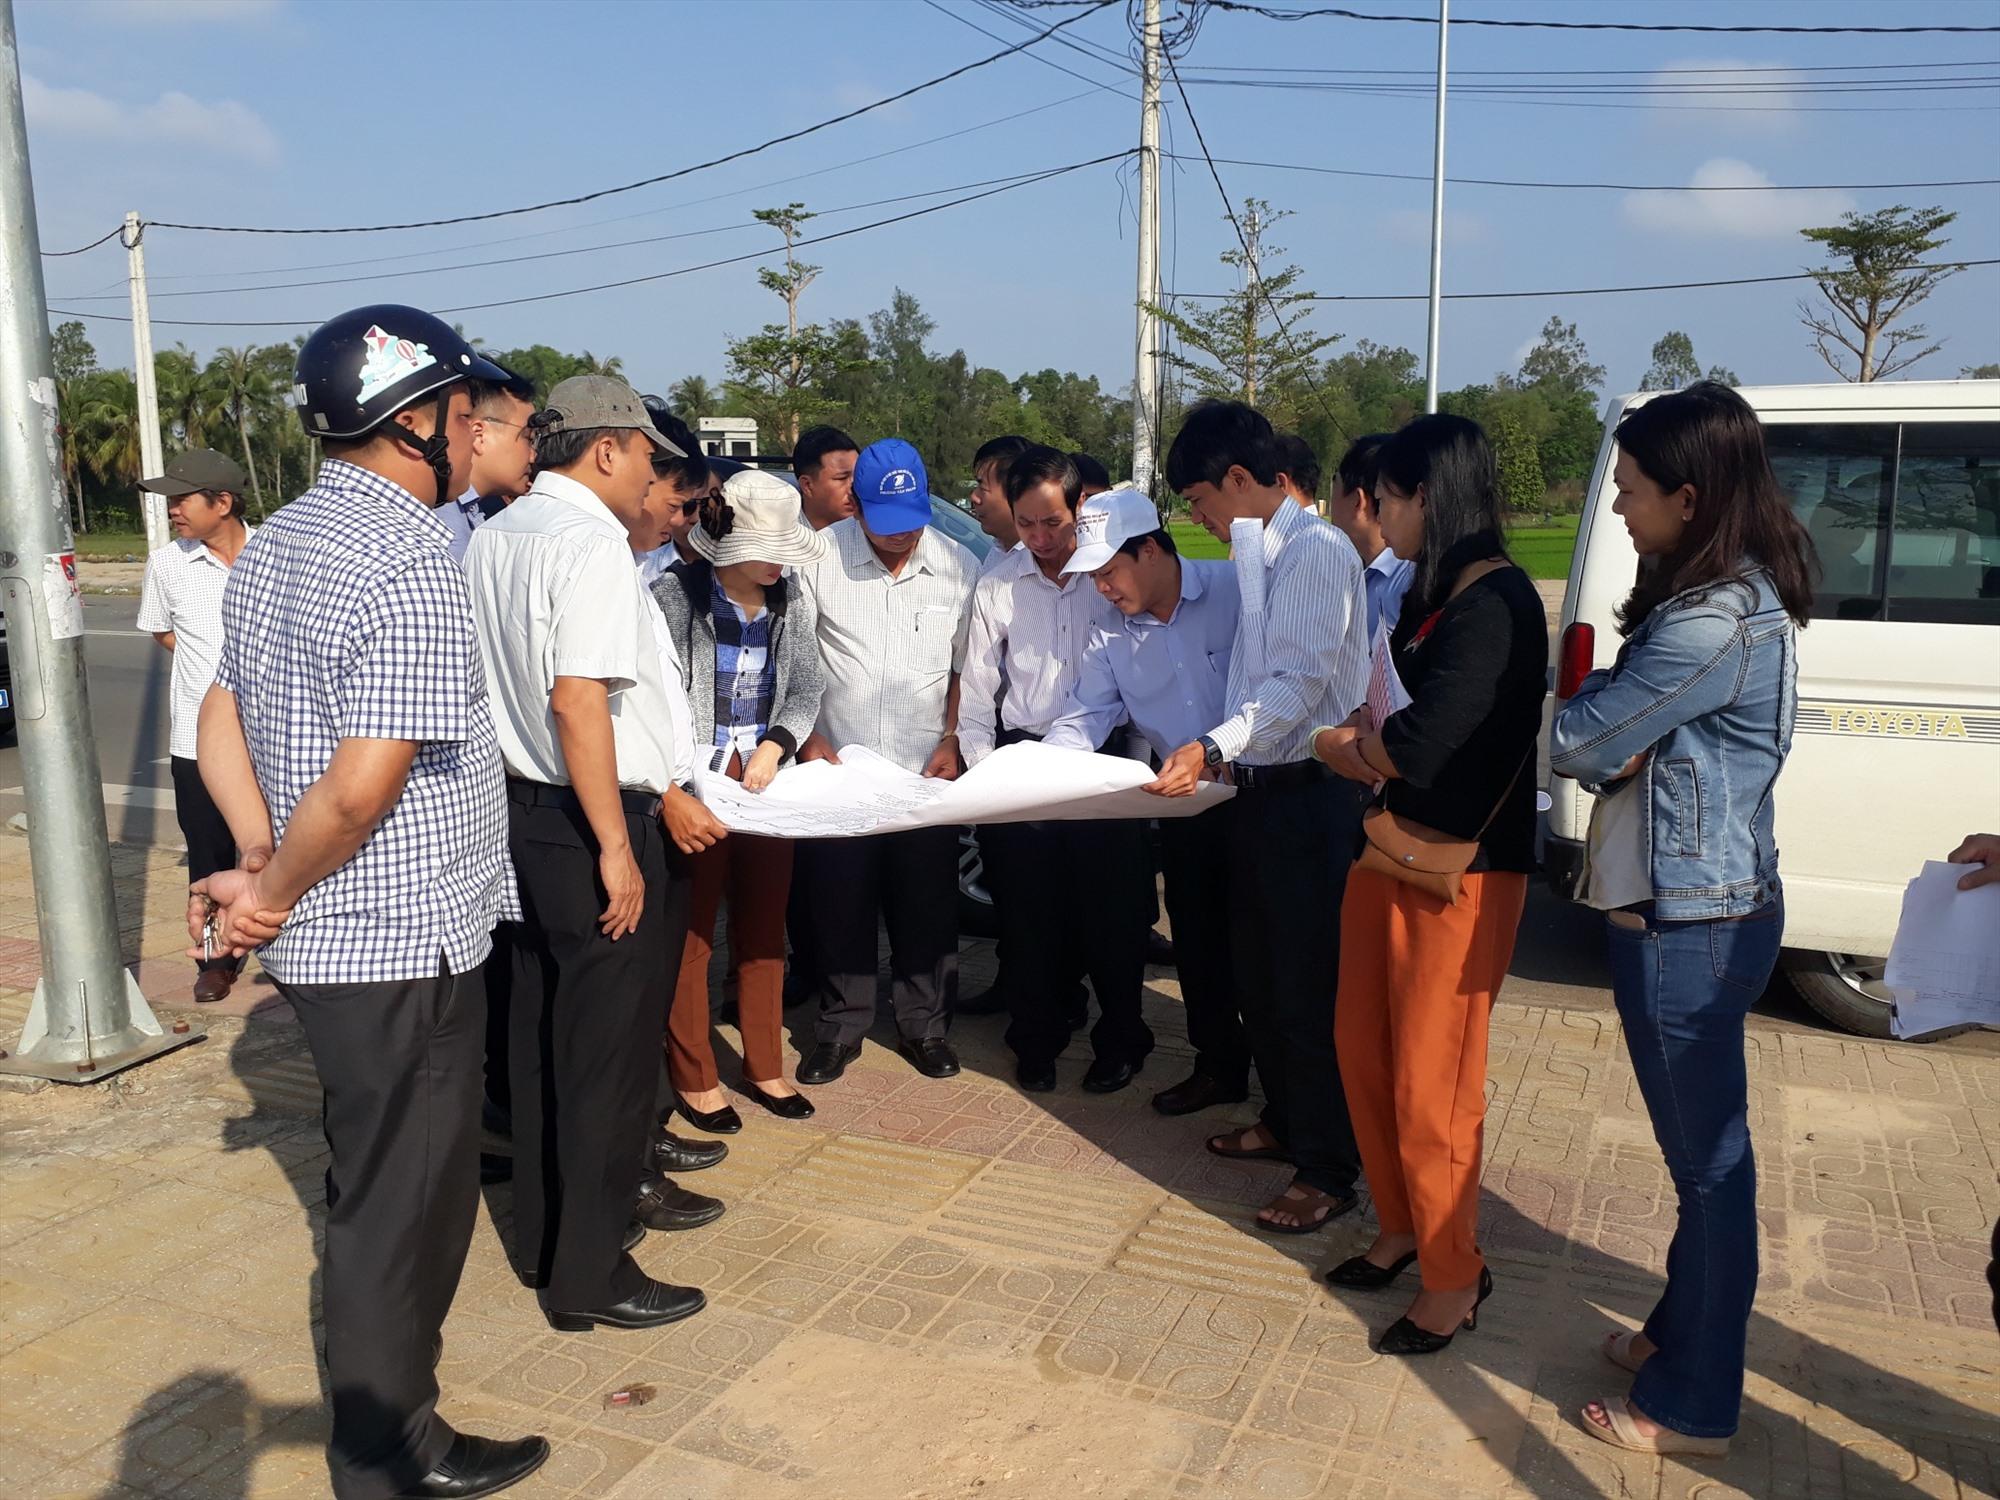 Đoàn công tác HĐND tỉnh kiểm tra thực địa tại các dự án, công trình có thu hồi đất ở TP.Tam Kỳ. Ảnh: T.S